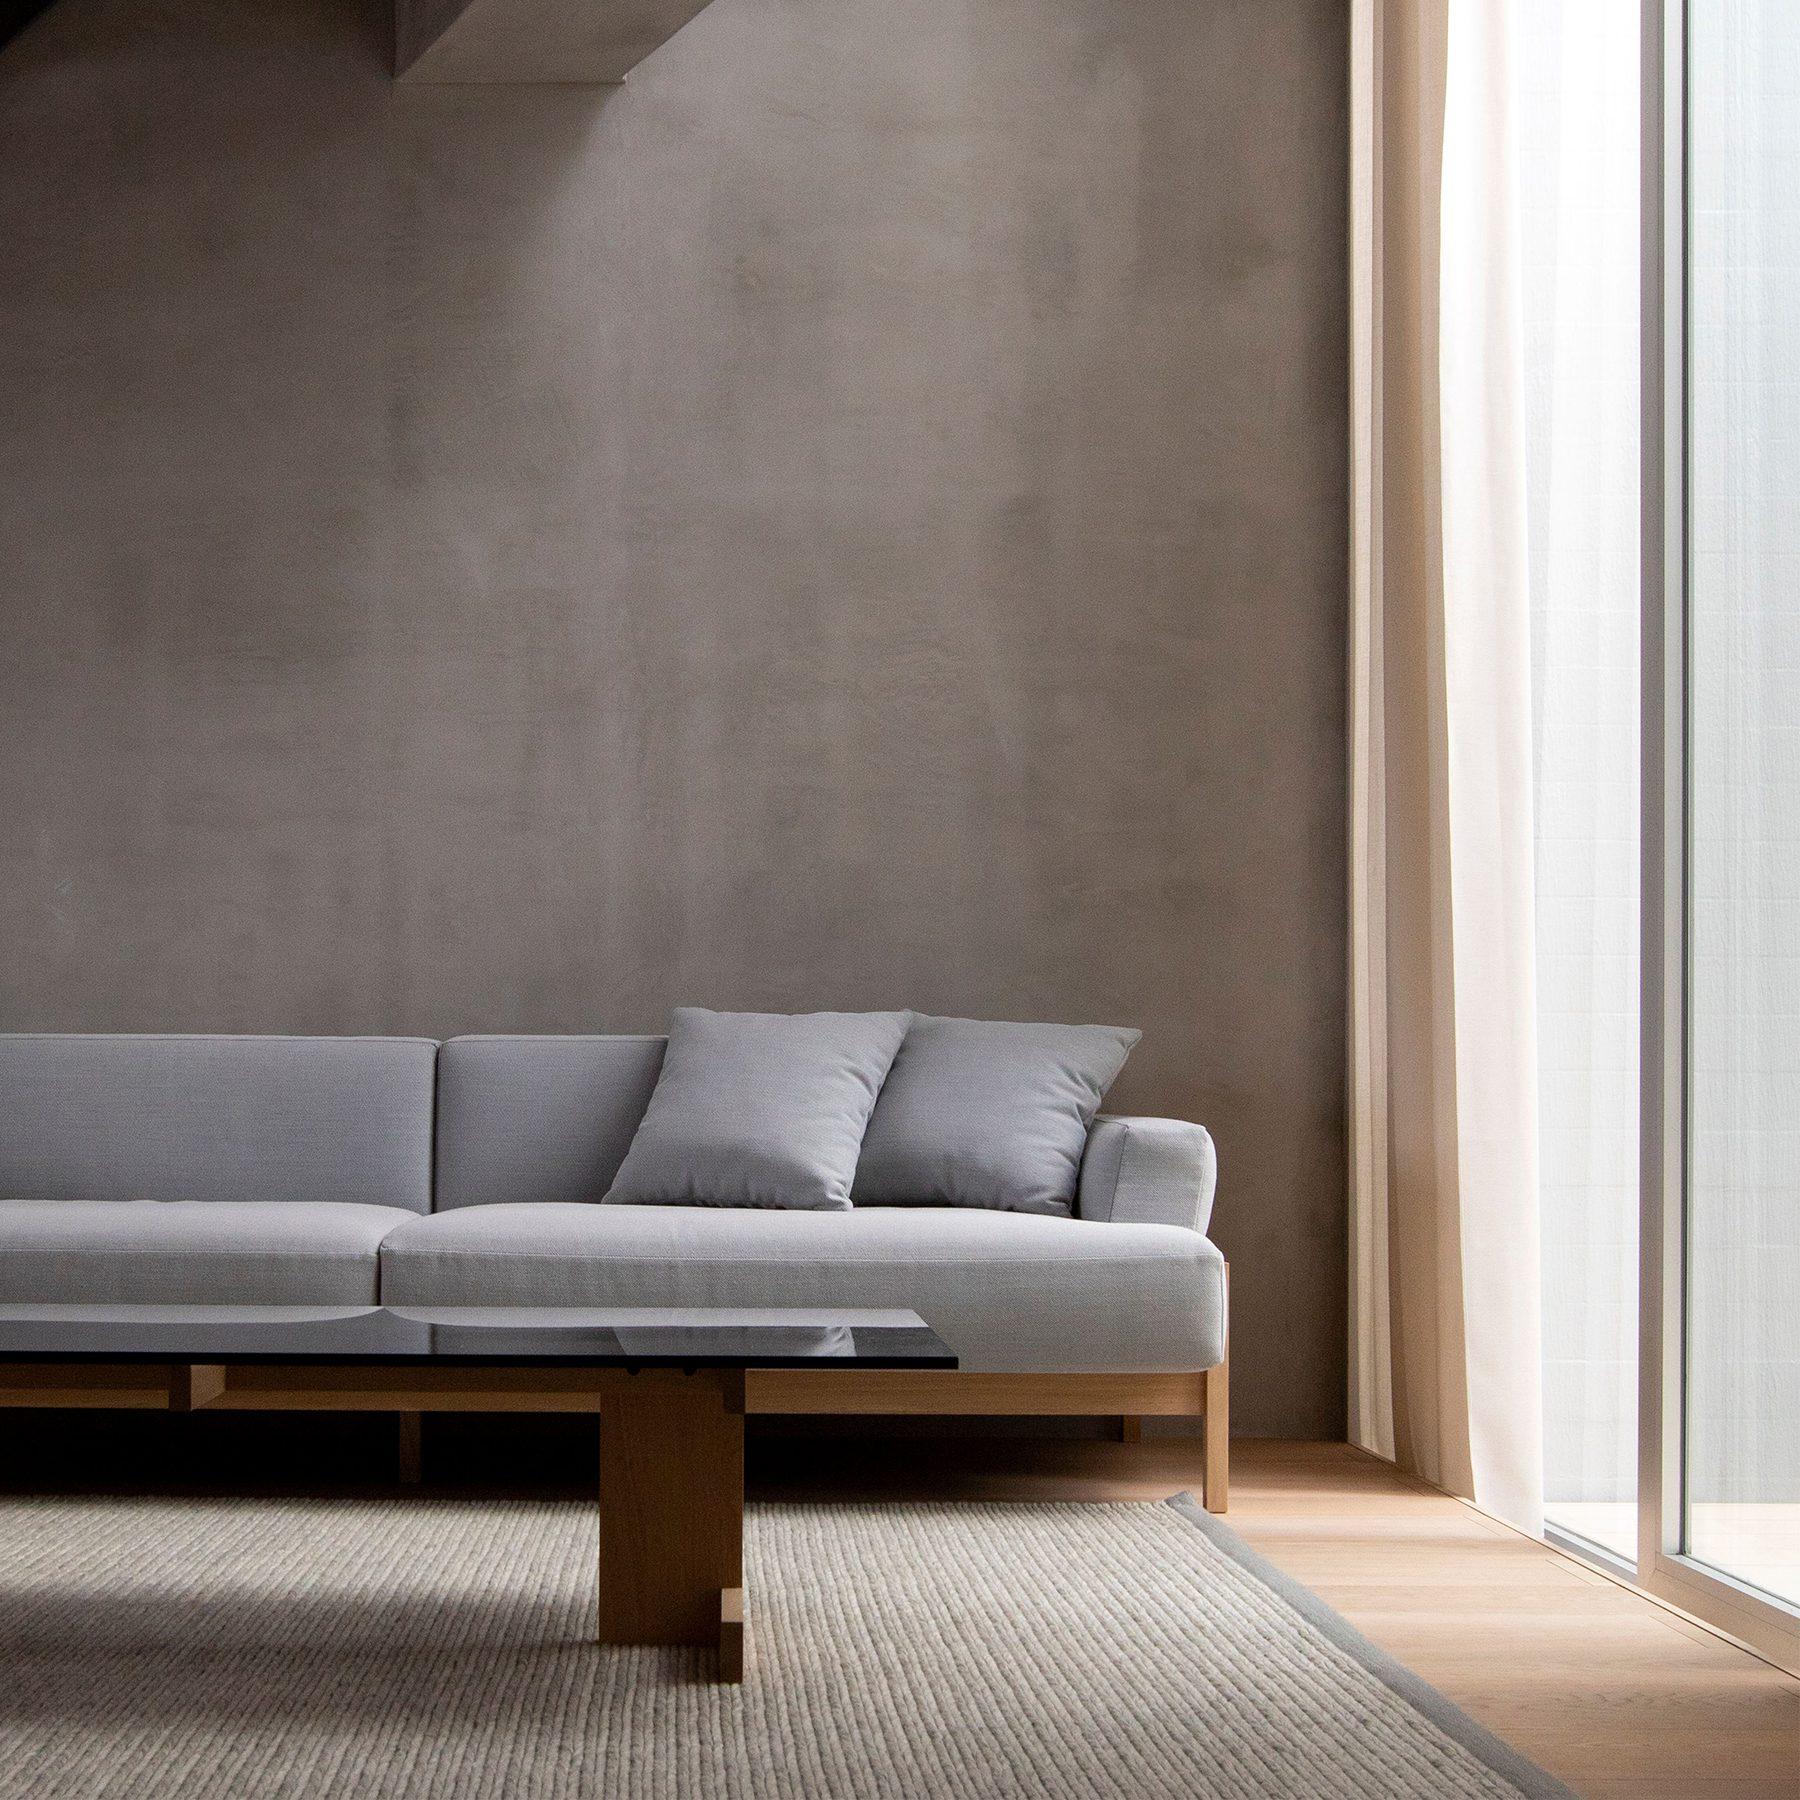 Karimoku-Case-Study-A-S01-Sofa